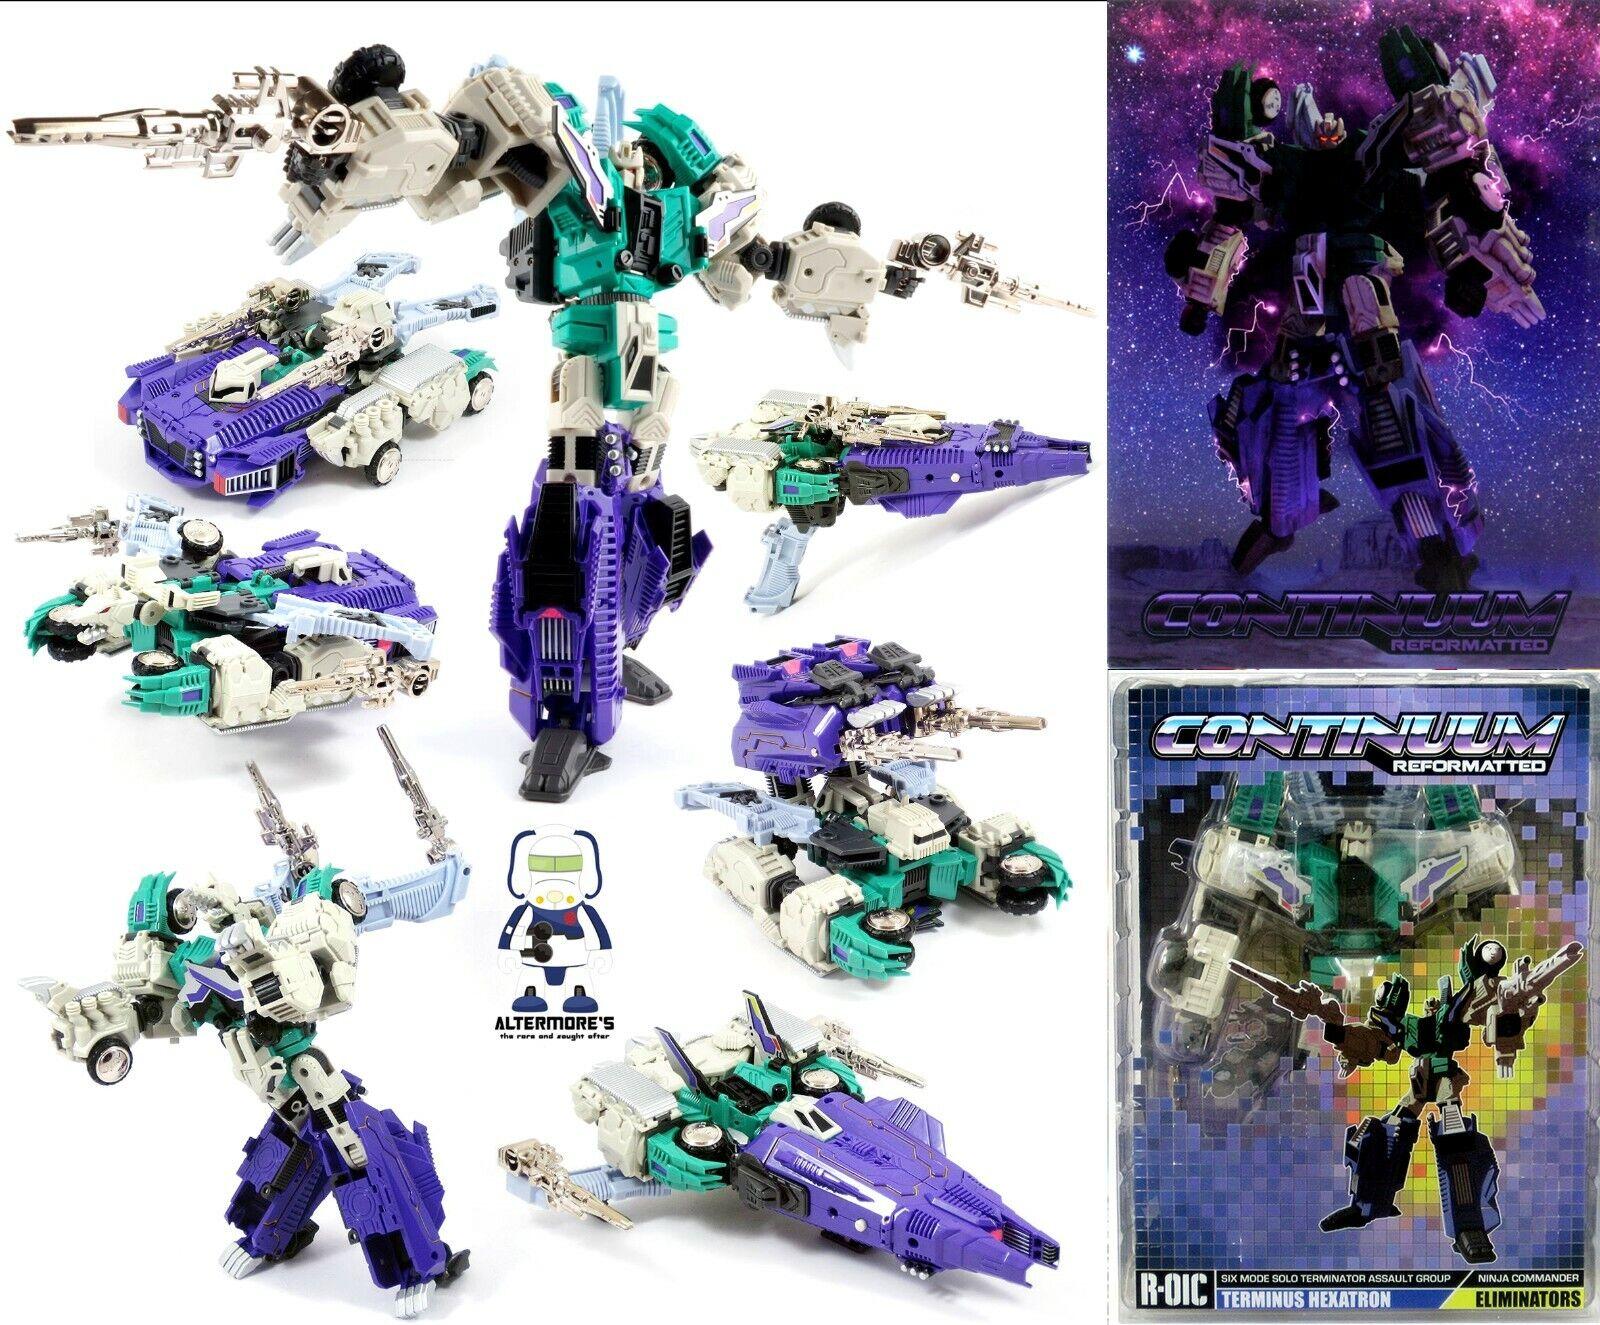 Transformers MMC Continuum R01 Terminus Hexatron Altriessiti detto IDW sixscaliente Nuovo di zecca con scatola